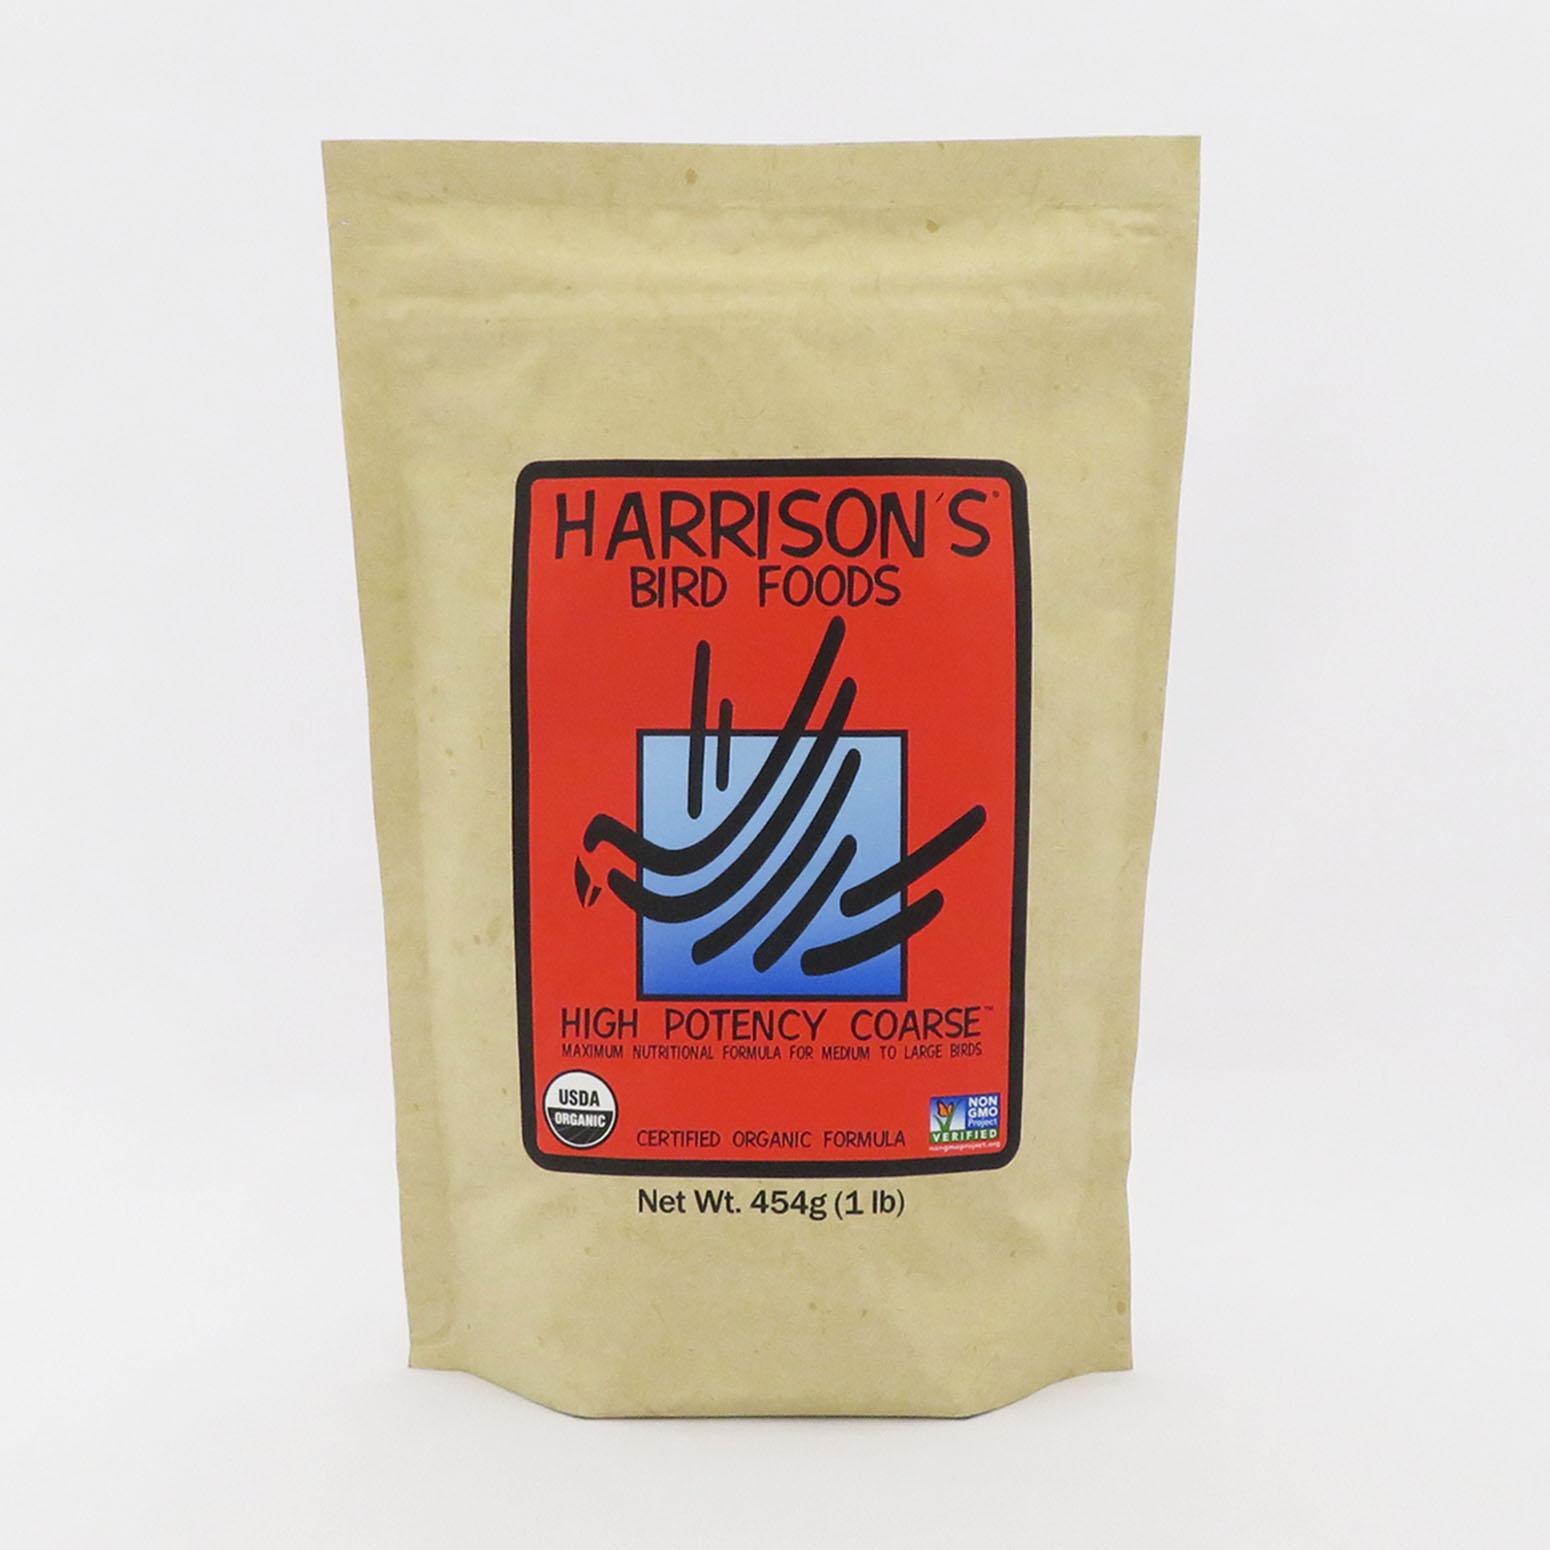 【Harrison】ハイポテンシー コース[大粒]454g